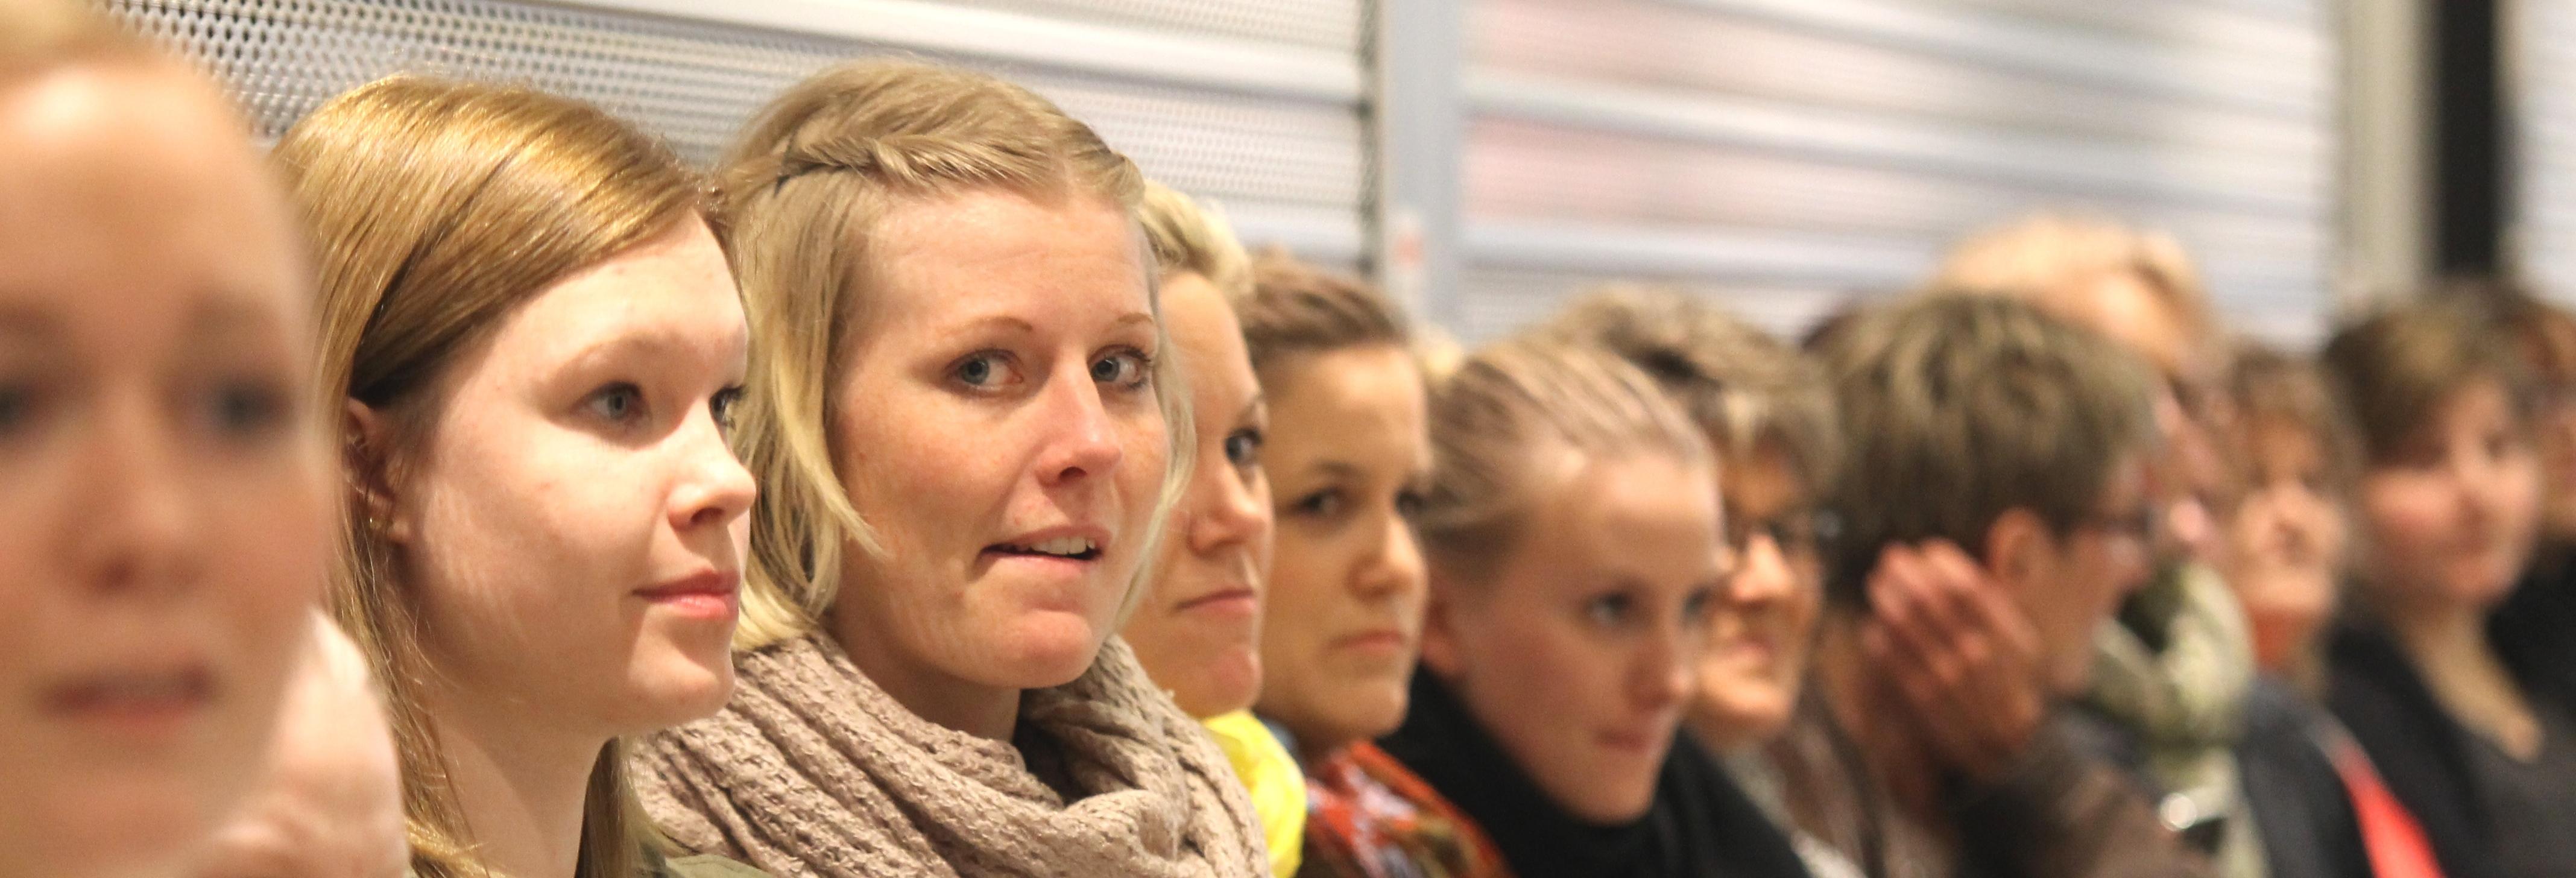 Aarhus stjerne piger tantra massage nordsjælland